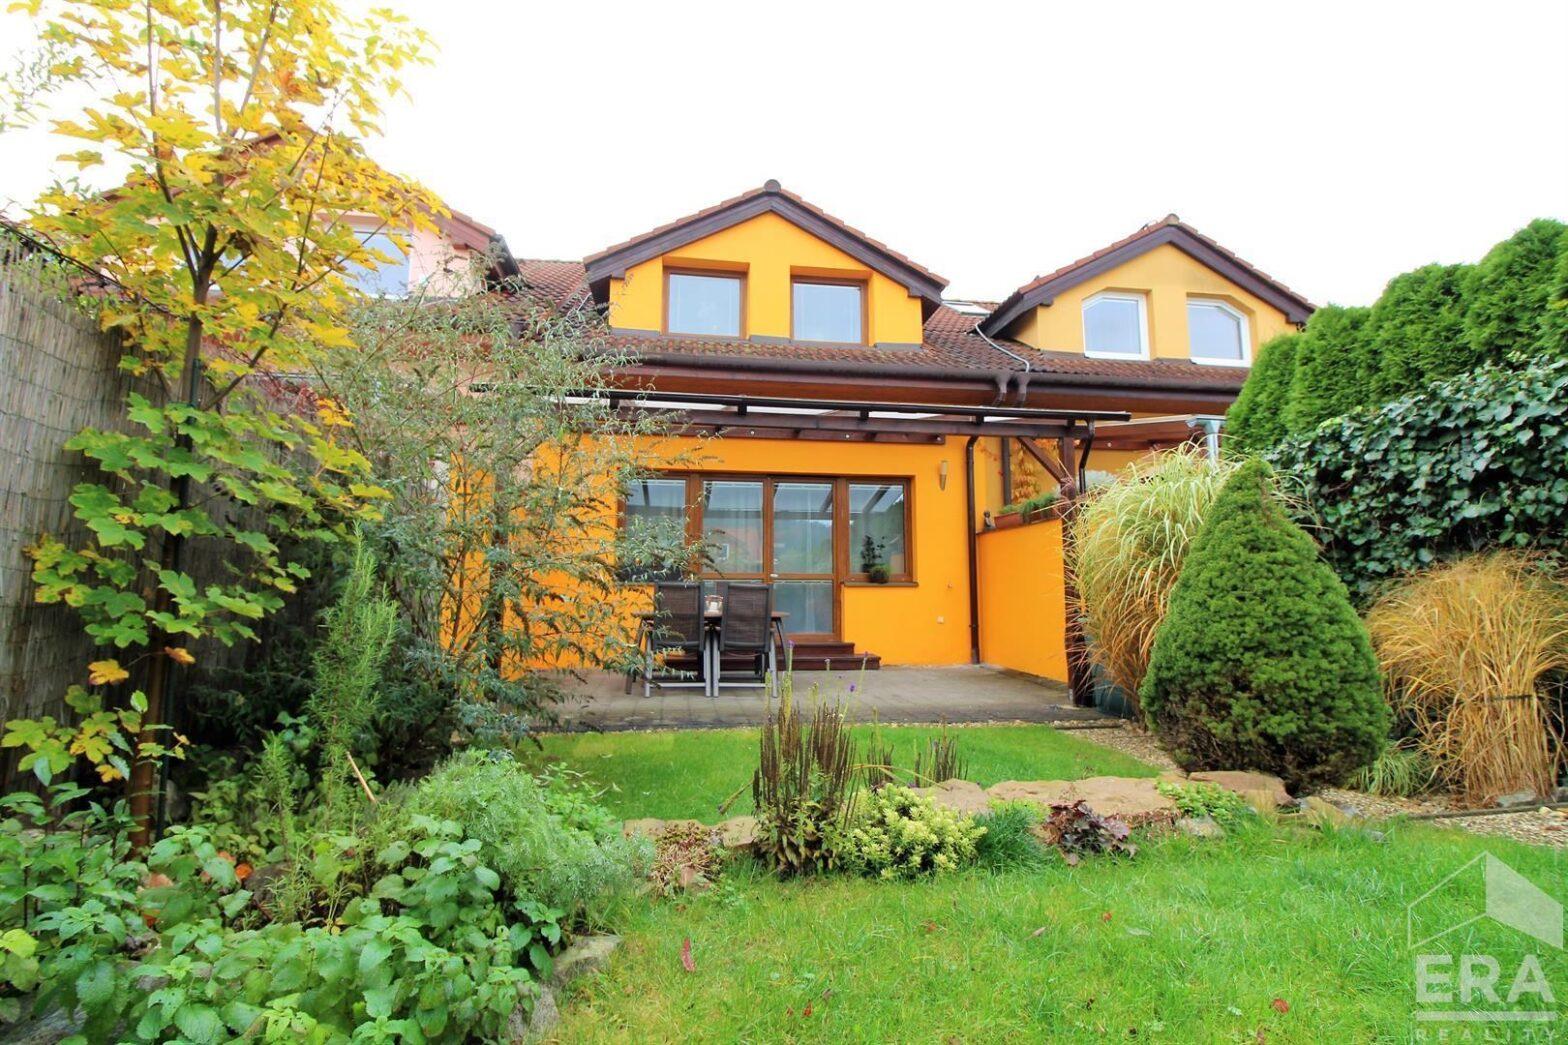 Prodej RD (116m2, pozemek 240m2) Dušínova 1561/37, Kuřim